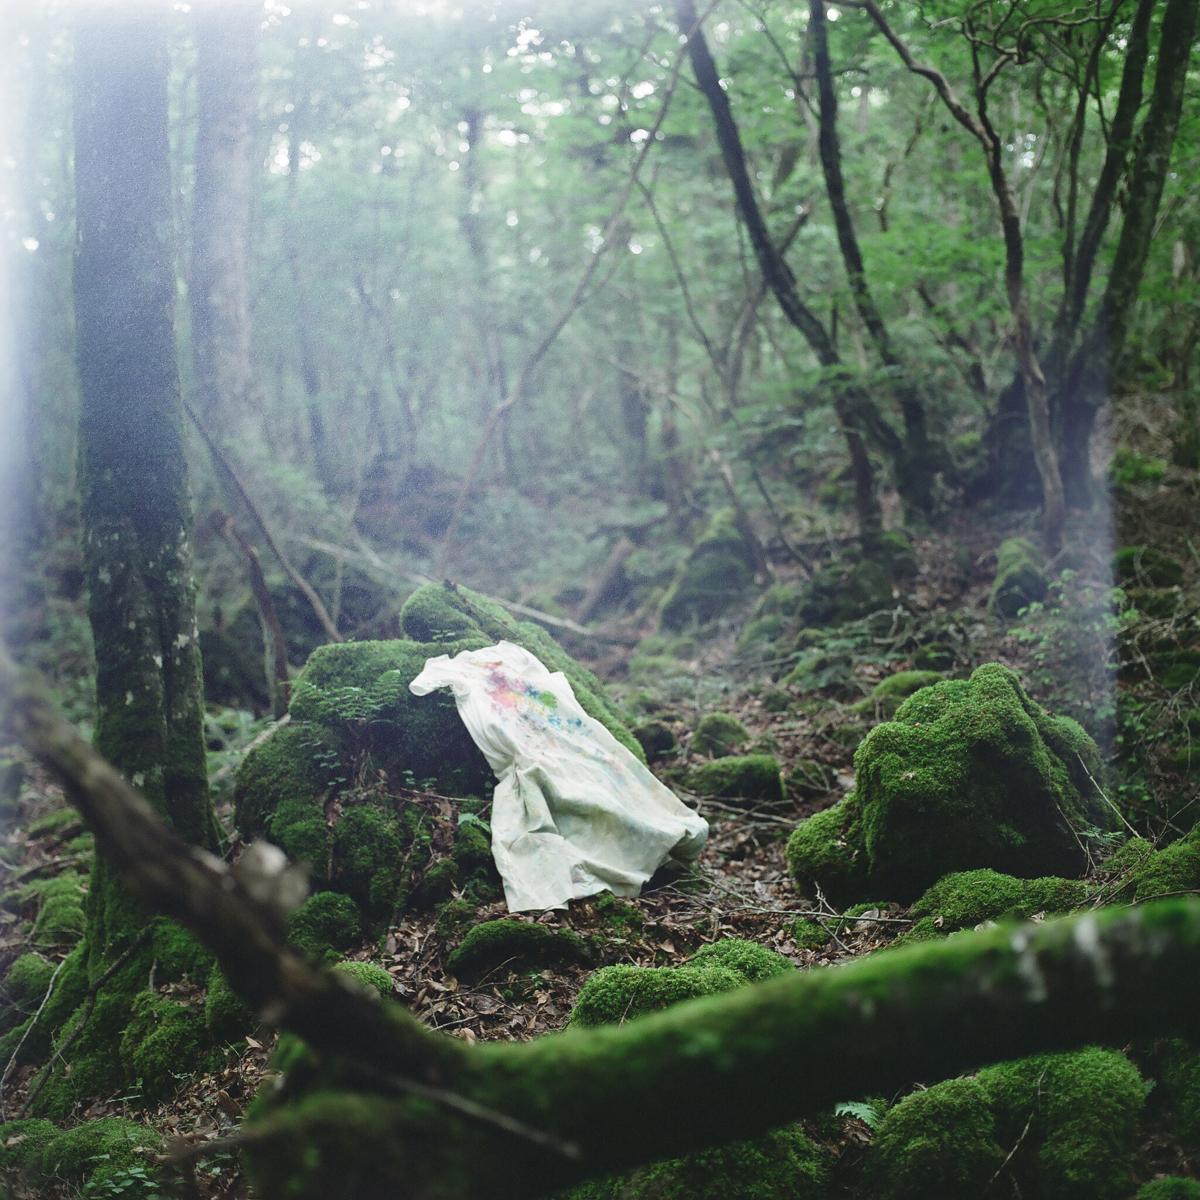 Photography by Kazuhisa Maenaka